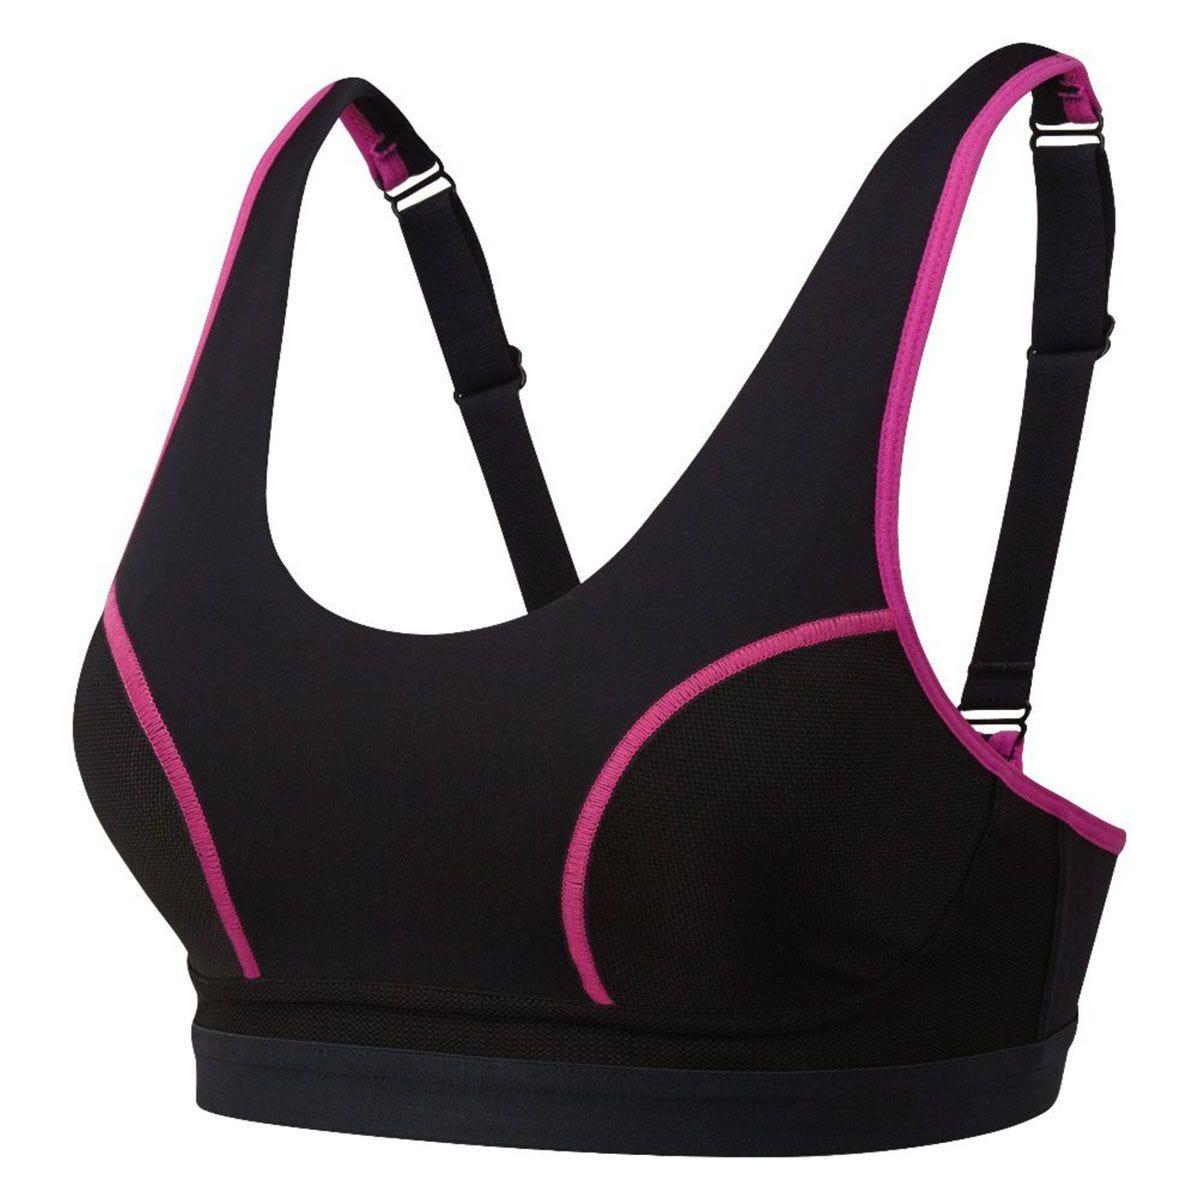 Runderwear Original Support Running Bra 28E  - Pink